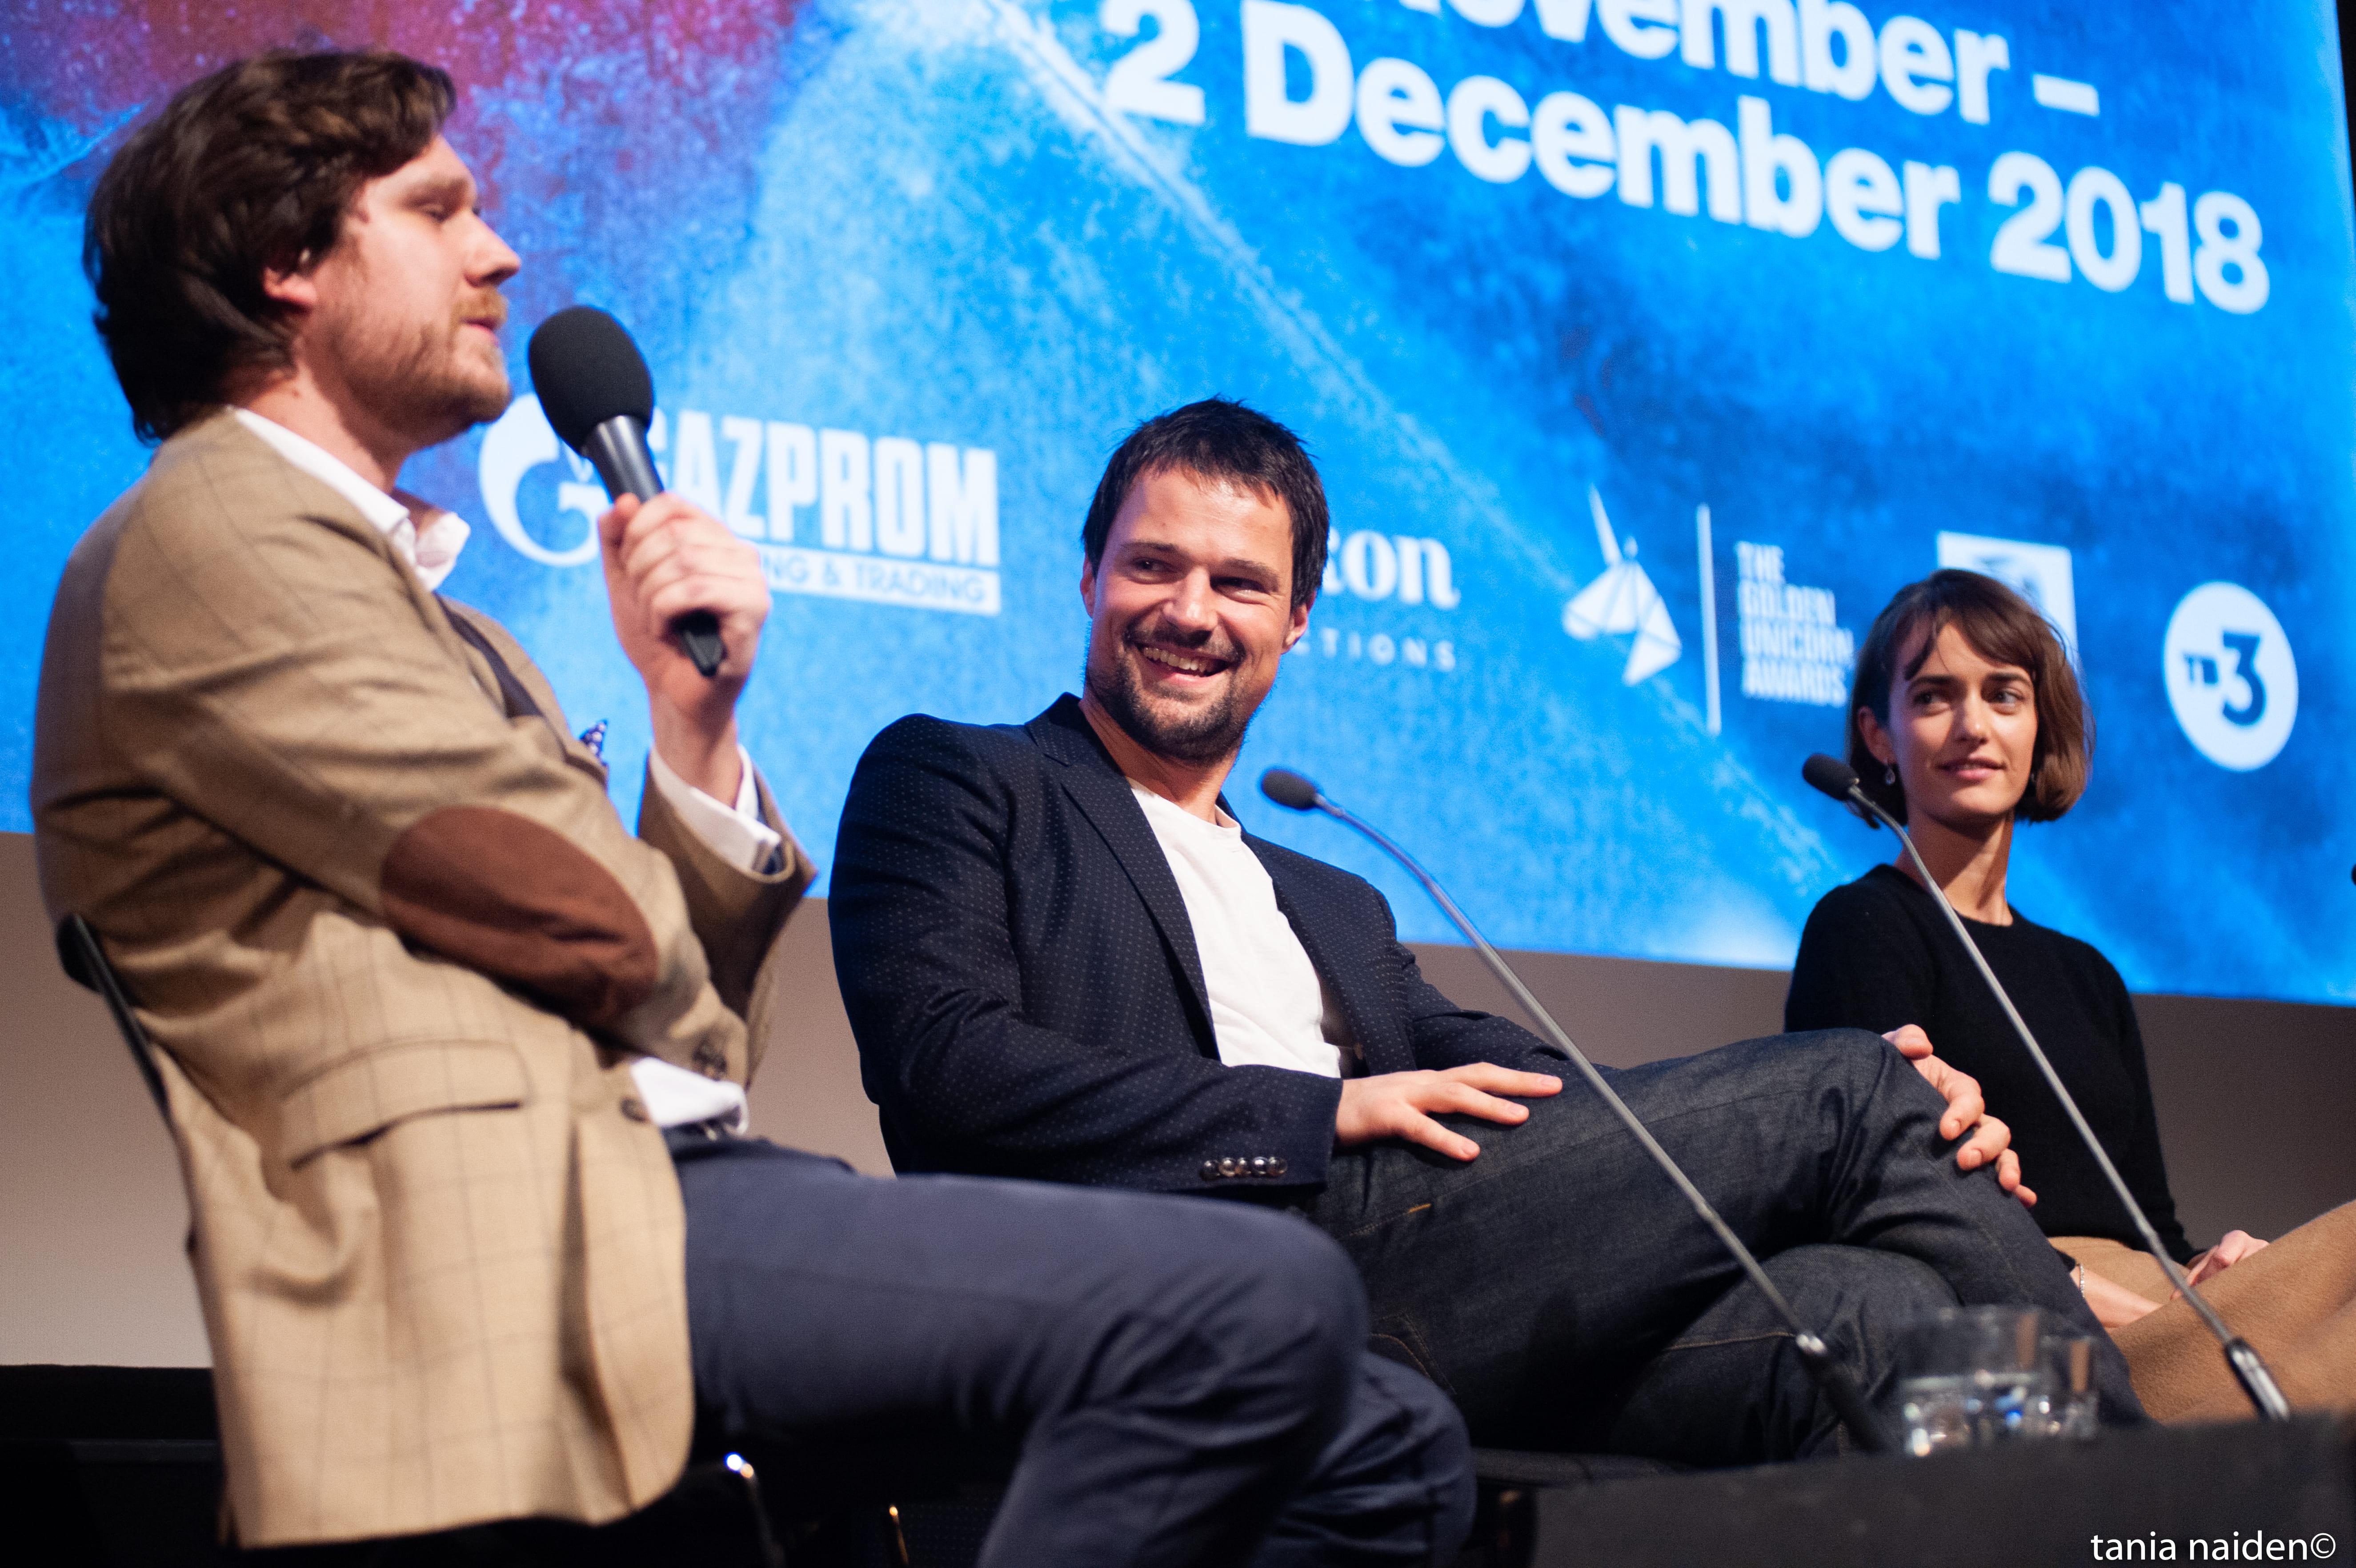 Неделя российского кино в Лондоне 2018